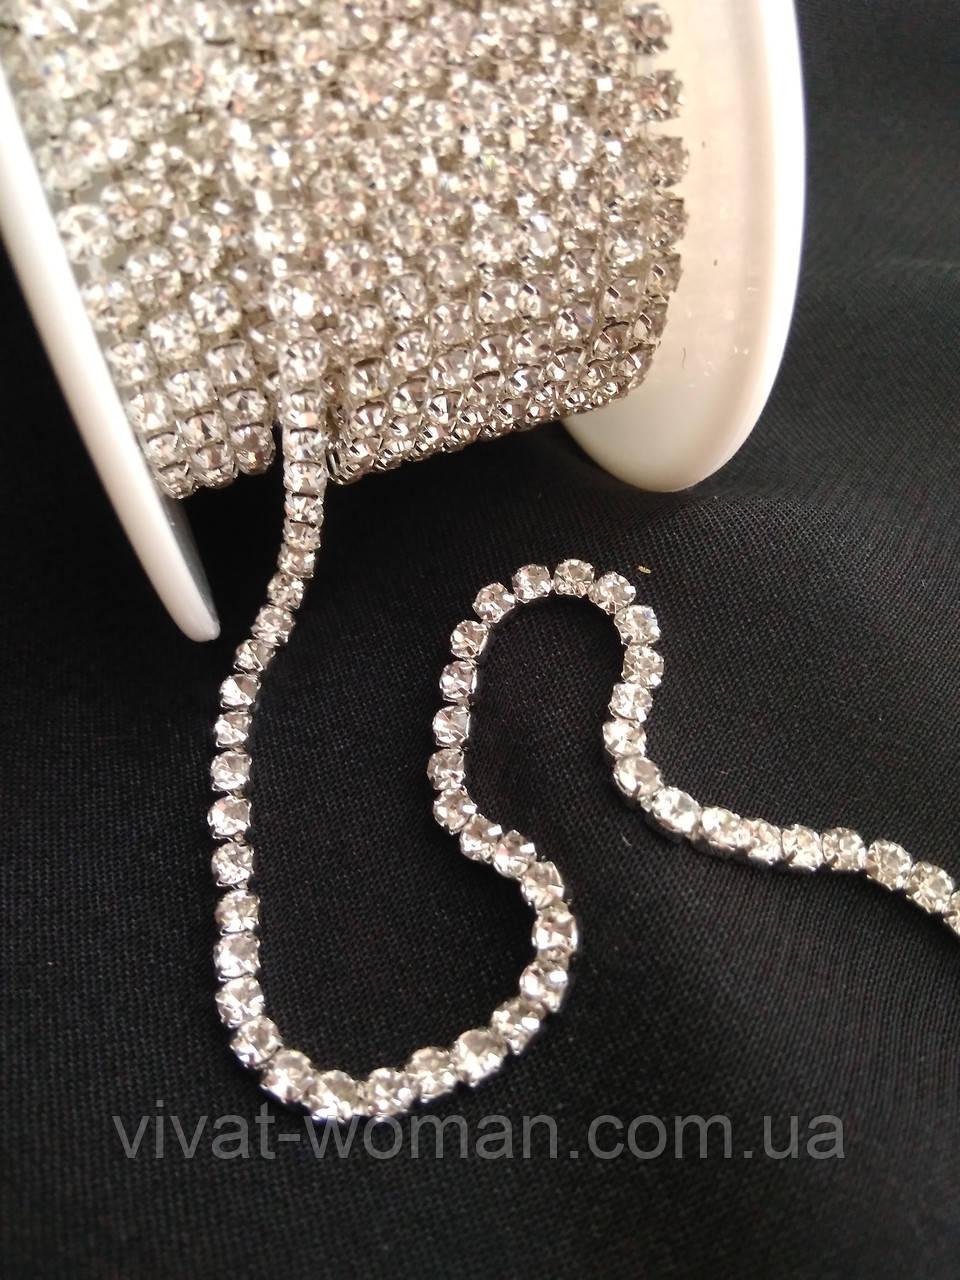 Страхова ланцюг, silver, Crystal SS6 (2,0 мм) 1 ряд. Ціна за 1м.